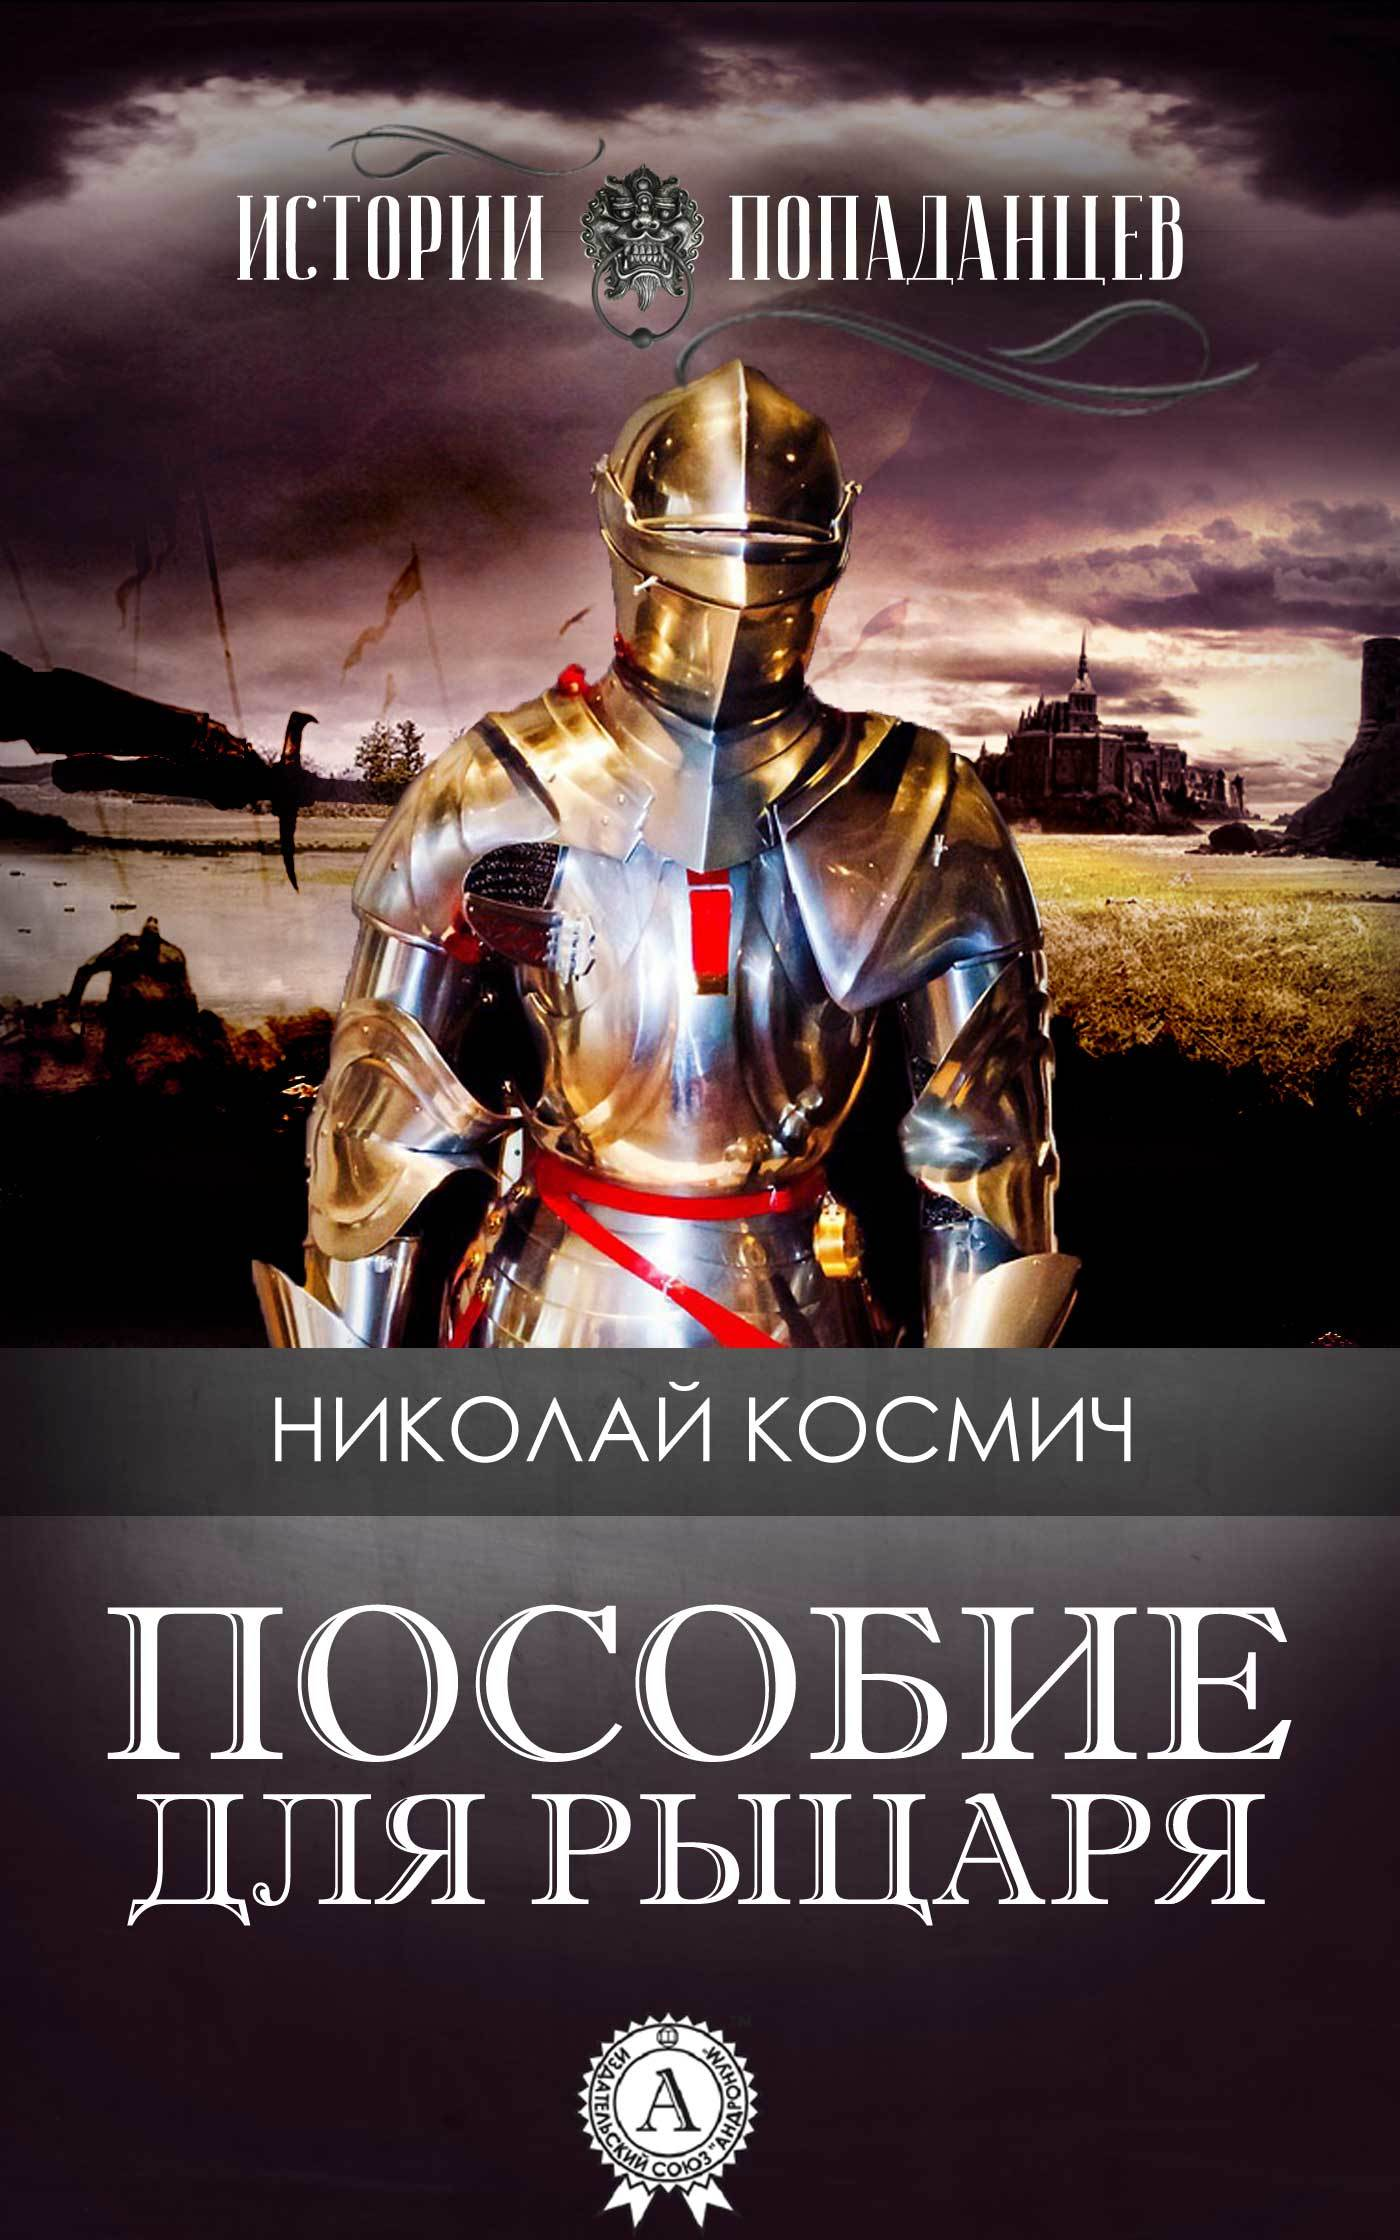 Николай Космич - Пособие для рыцаря